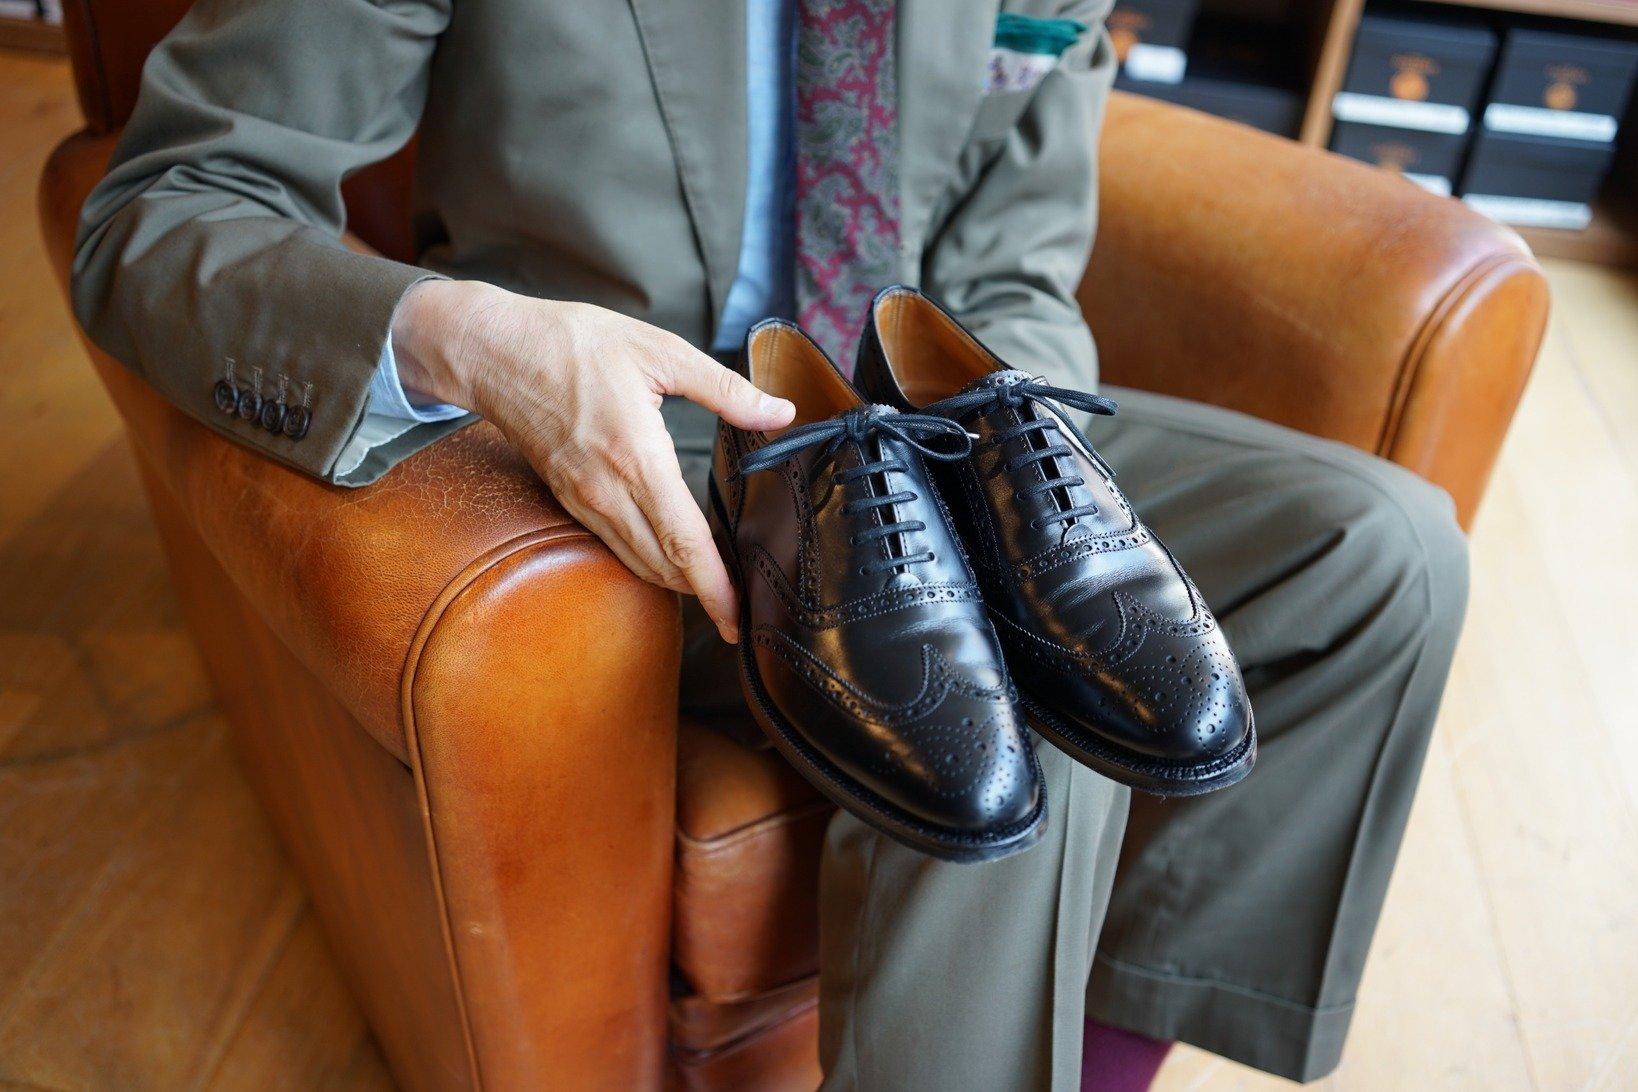 通常、内羽根式のイギリス靴はウェルトが前半分だけで、かかと部分は縫い目をつけず釘が打たれている。こちらのダブルネームの靴はウェルトがぐるりと一周しており、アメリカブランドが別注した靴だとわかる。